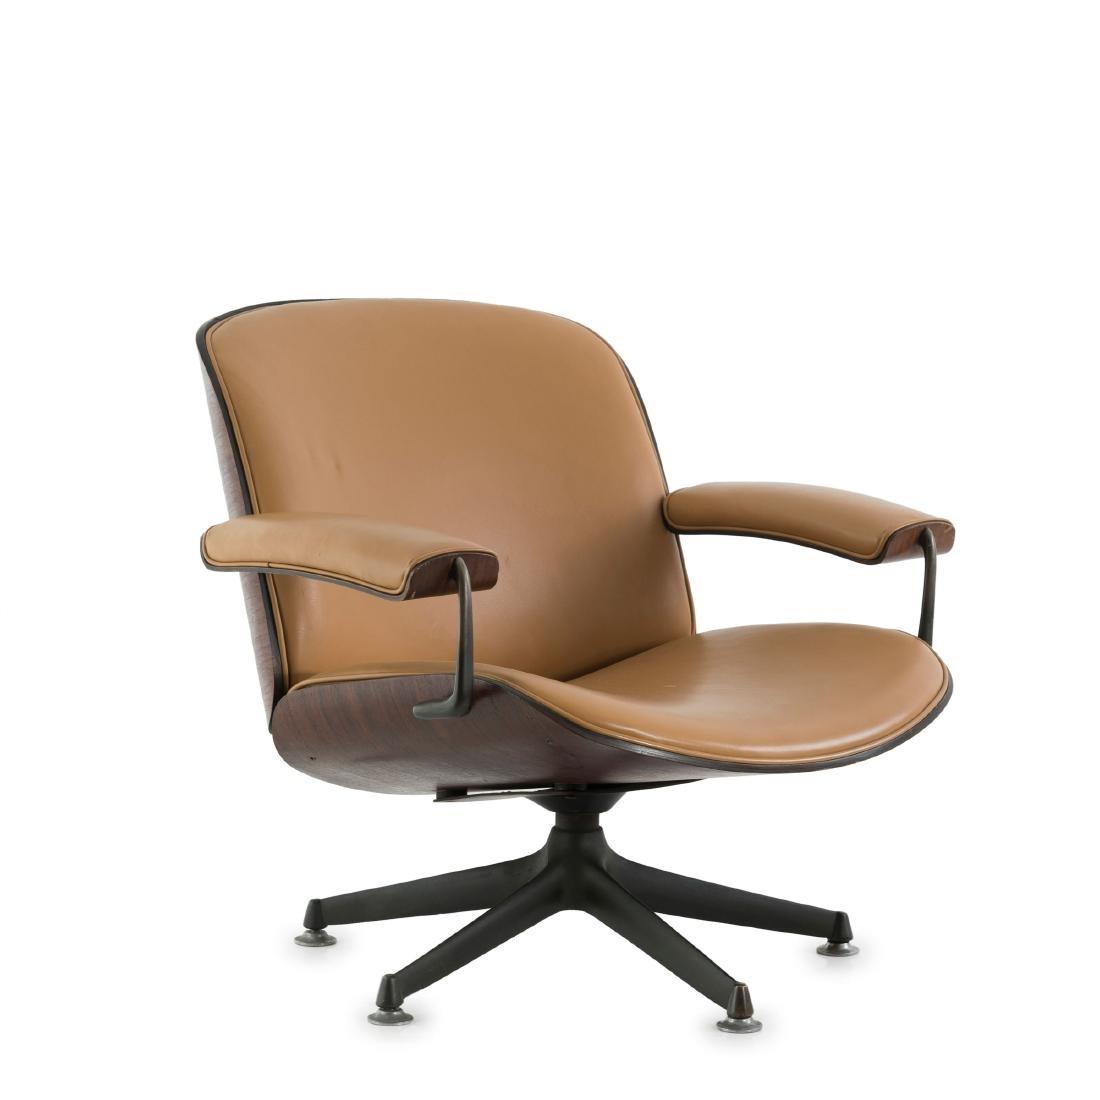 Armchair, 1959/60